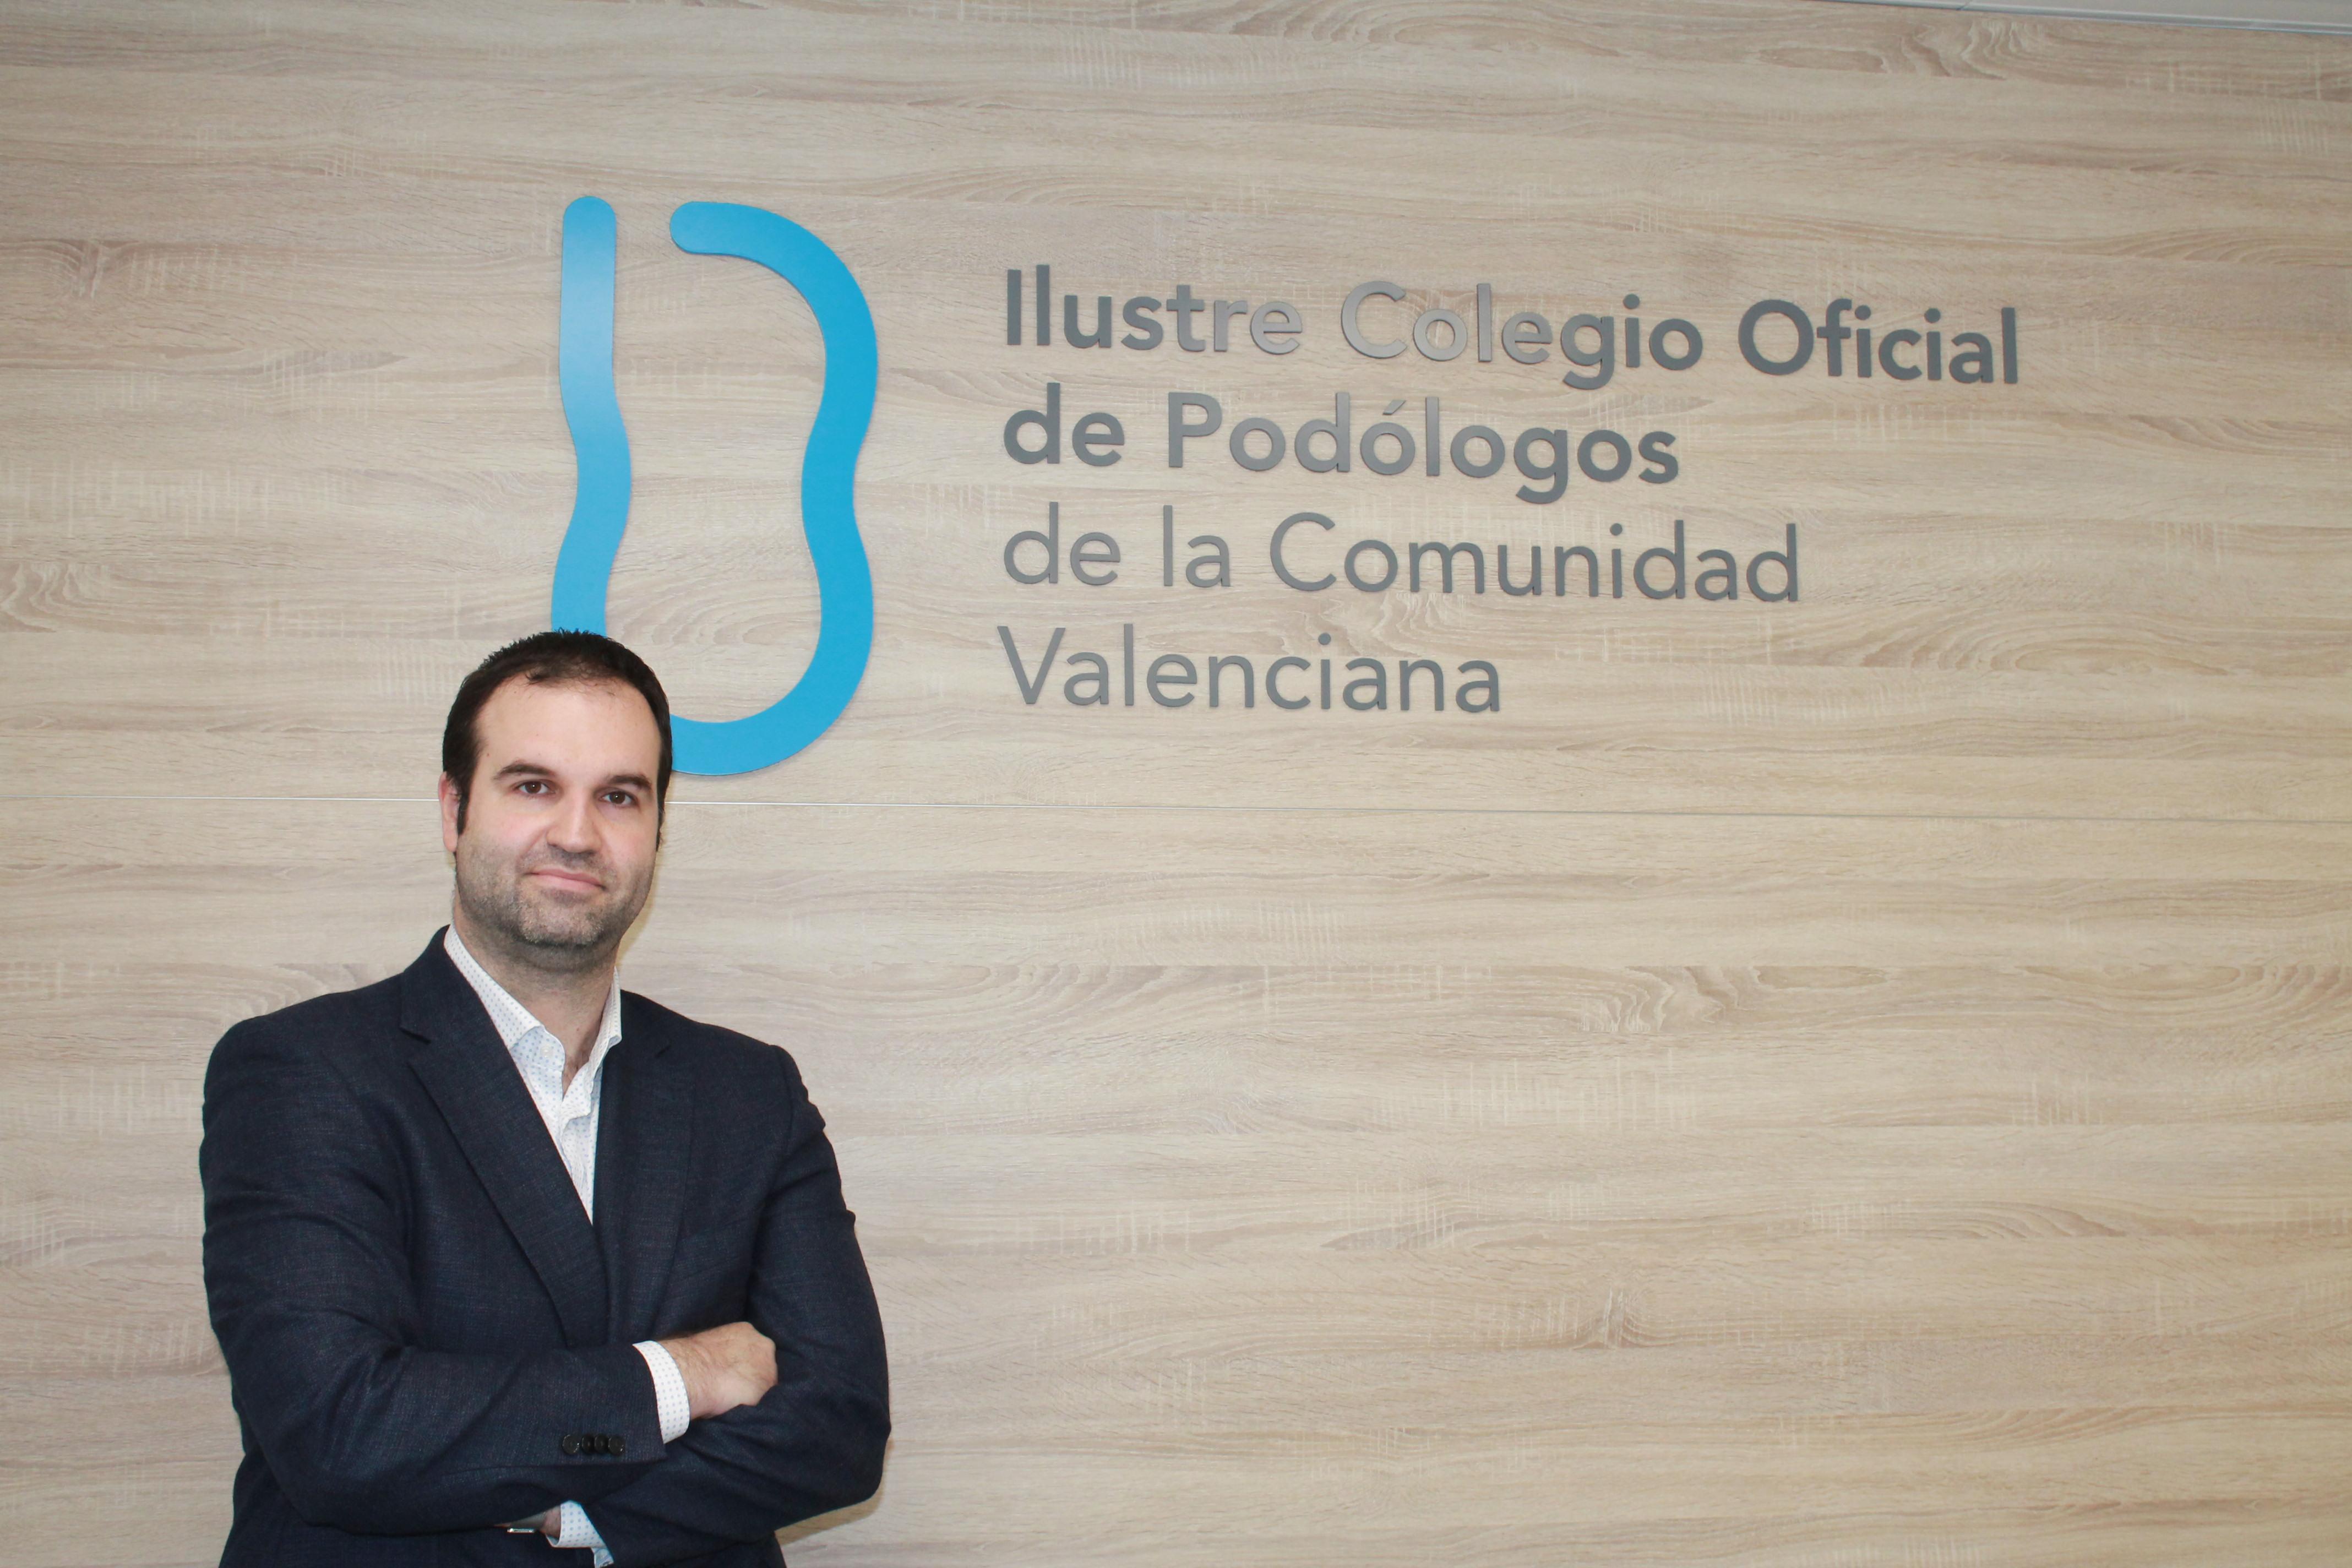 D Jaime Gascó López de Lacalle